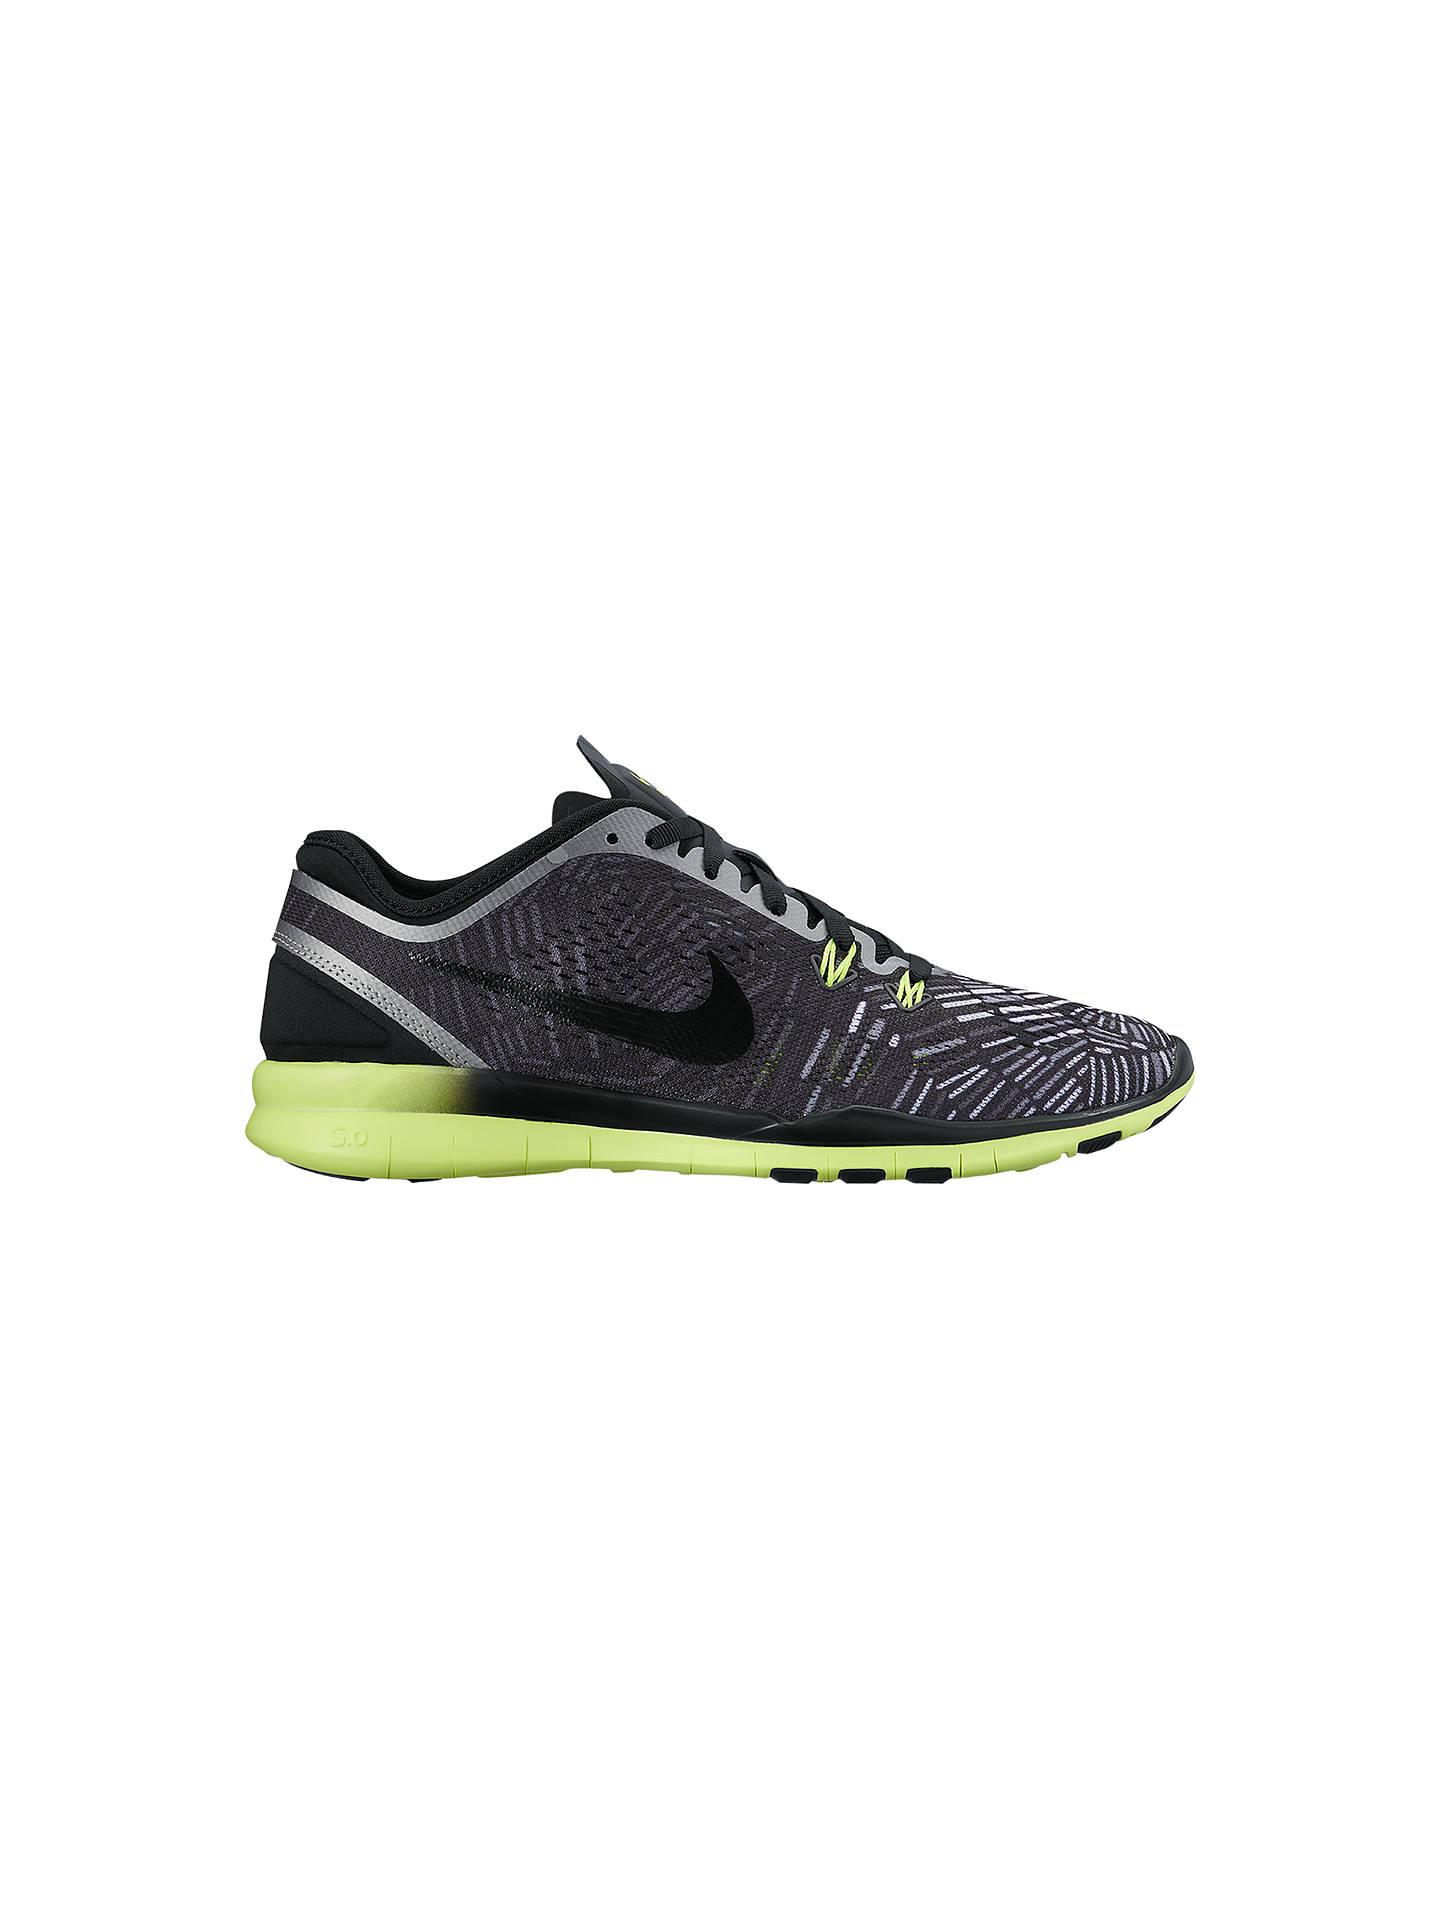 5cb343e3e559 Buy Nike Free TR 5 Flyknit Women s Cross Trainers